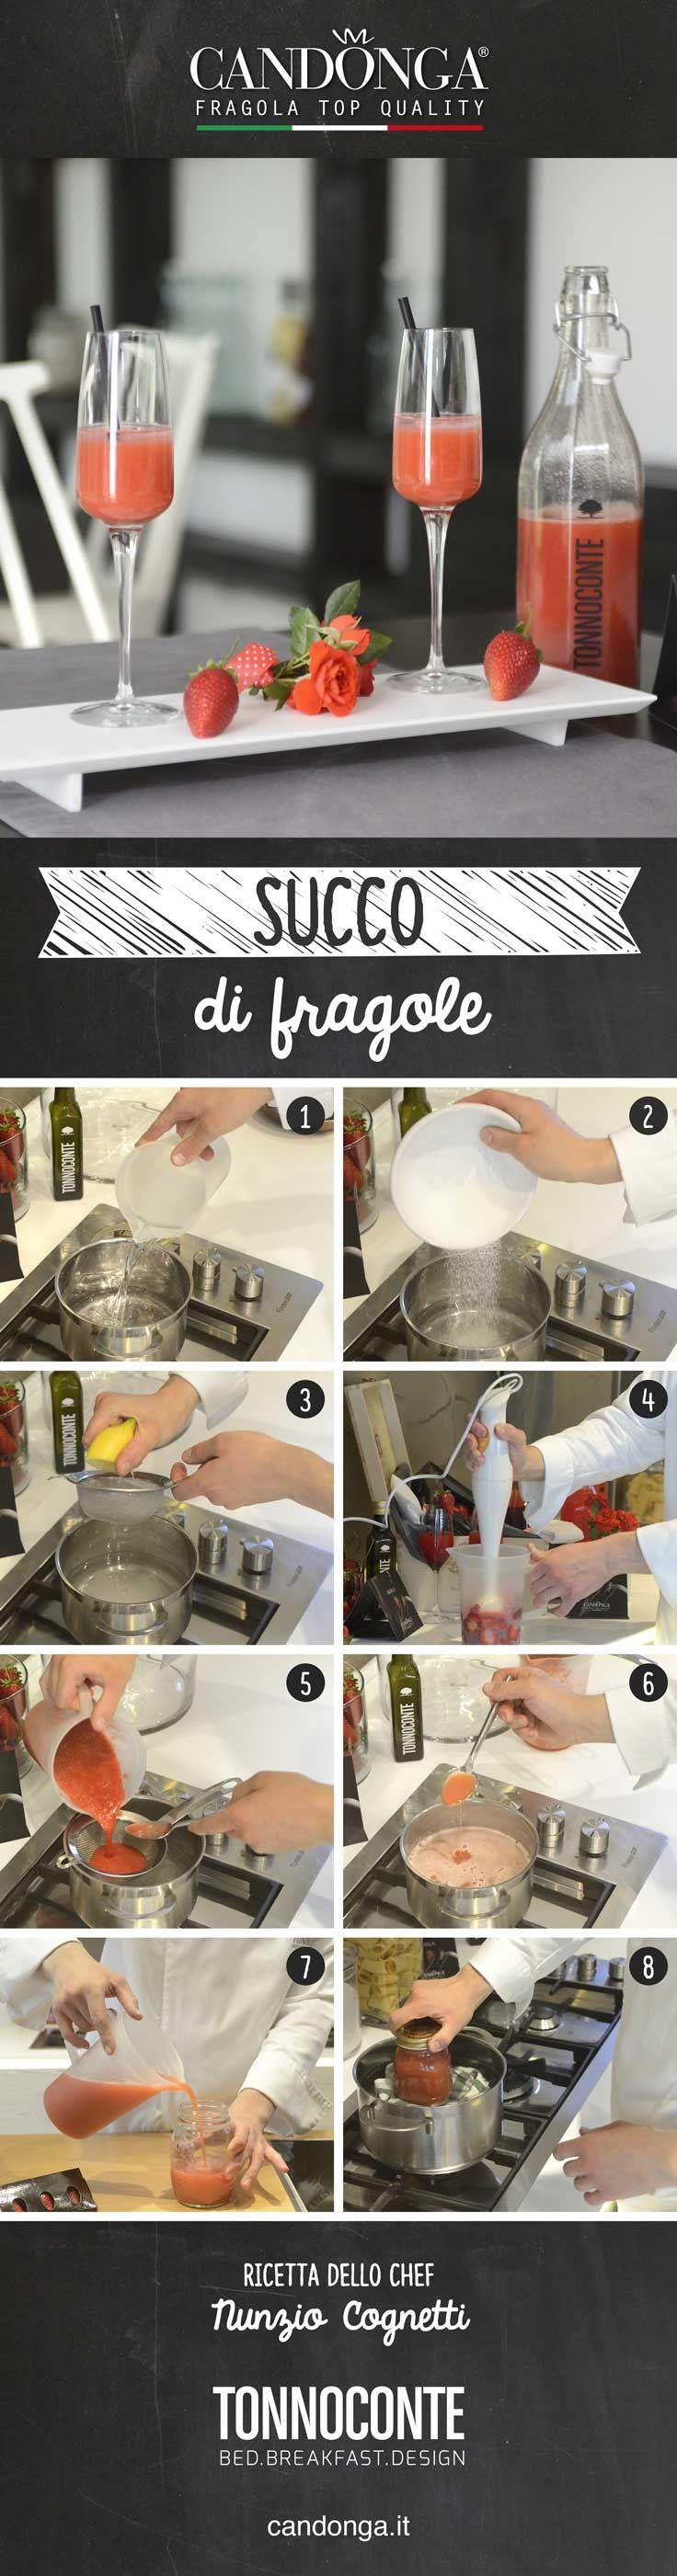 Ricetta del succo di frutta alle fragole dello chef Nunzio Cognetti (Tonnoconte). La bevanda analcolica perfetta per preparare drink golosi, nutrienti e dissetanti.  #candongatop #fragole #ricette #drink